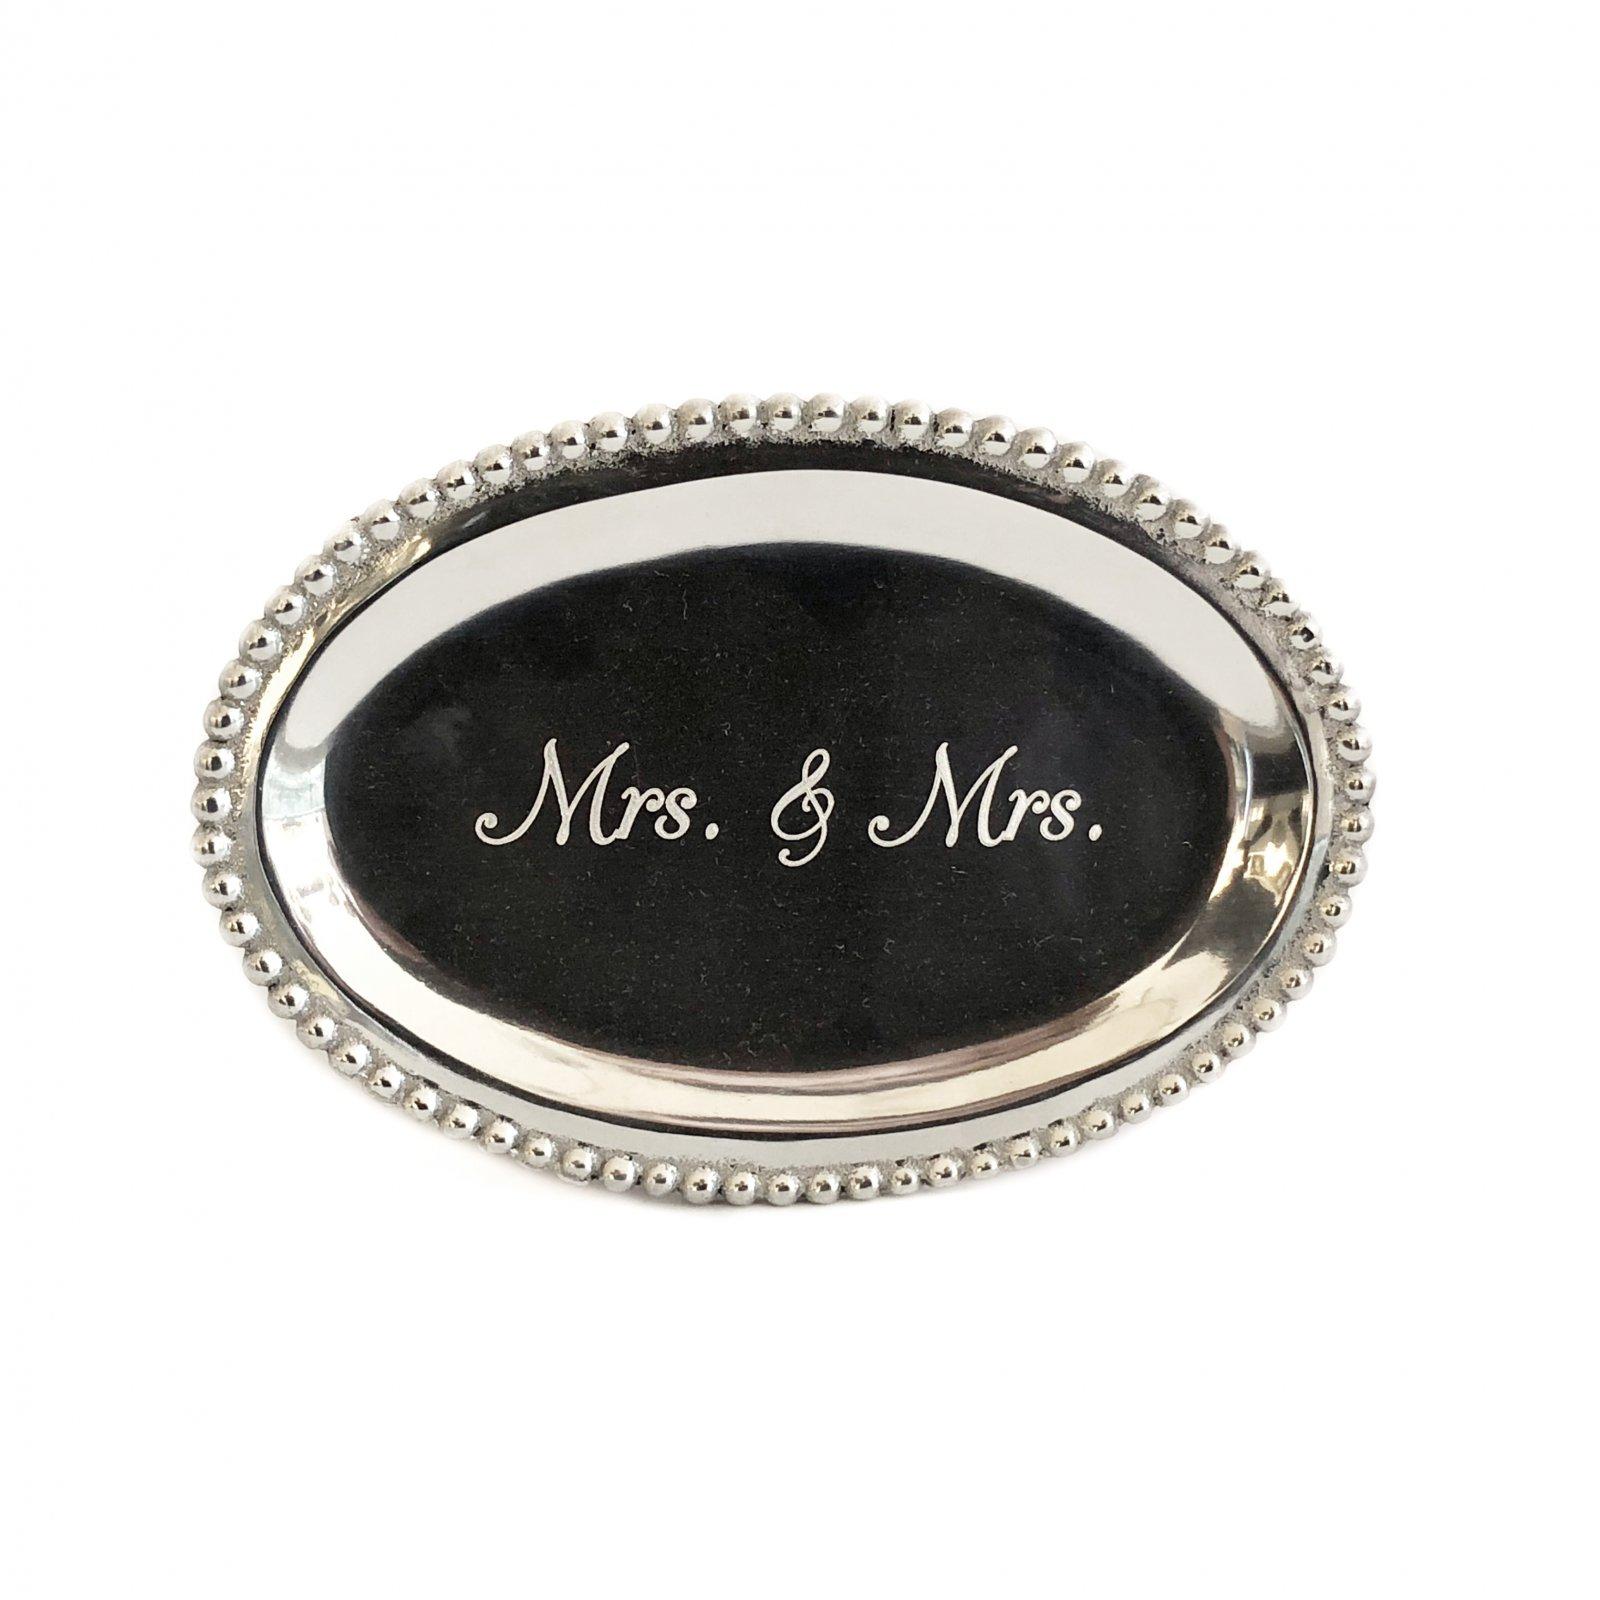 Mariposa Oval Tray - Mrs & Mrs